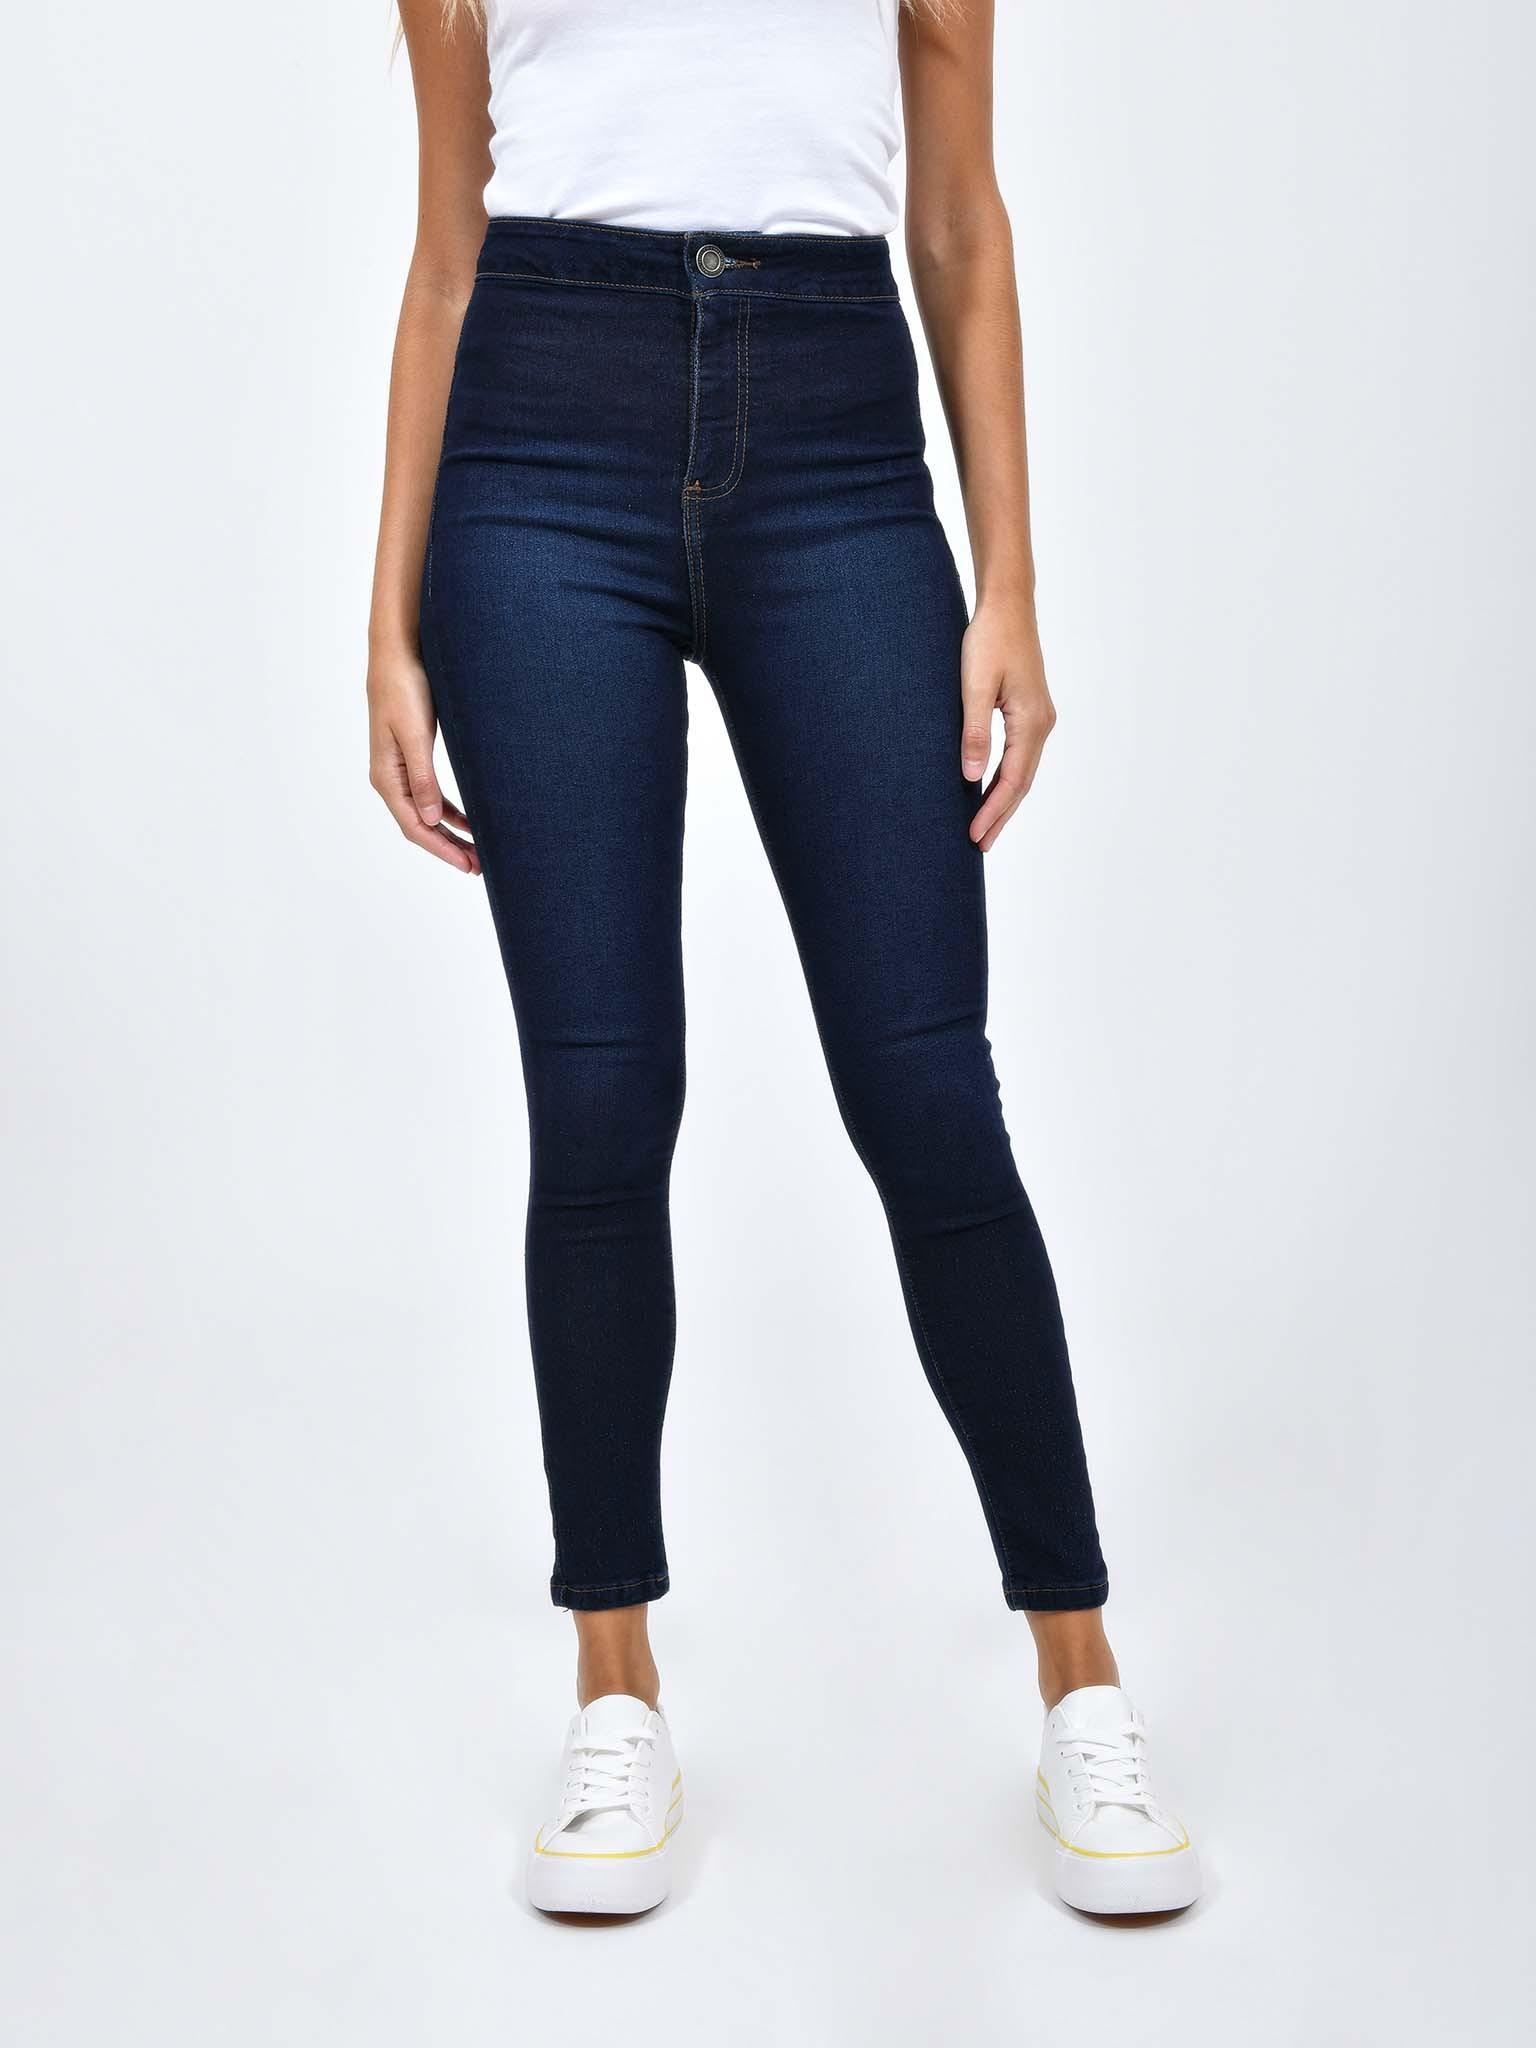 Jeans Tiro Alto - Cuidado con el Perro